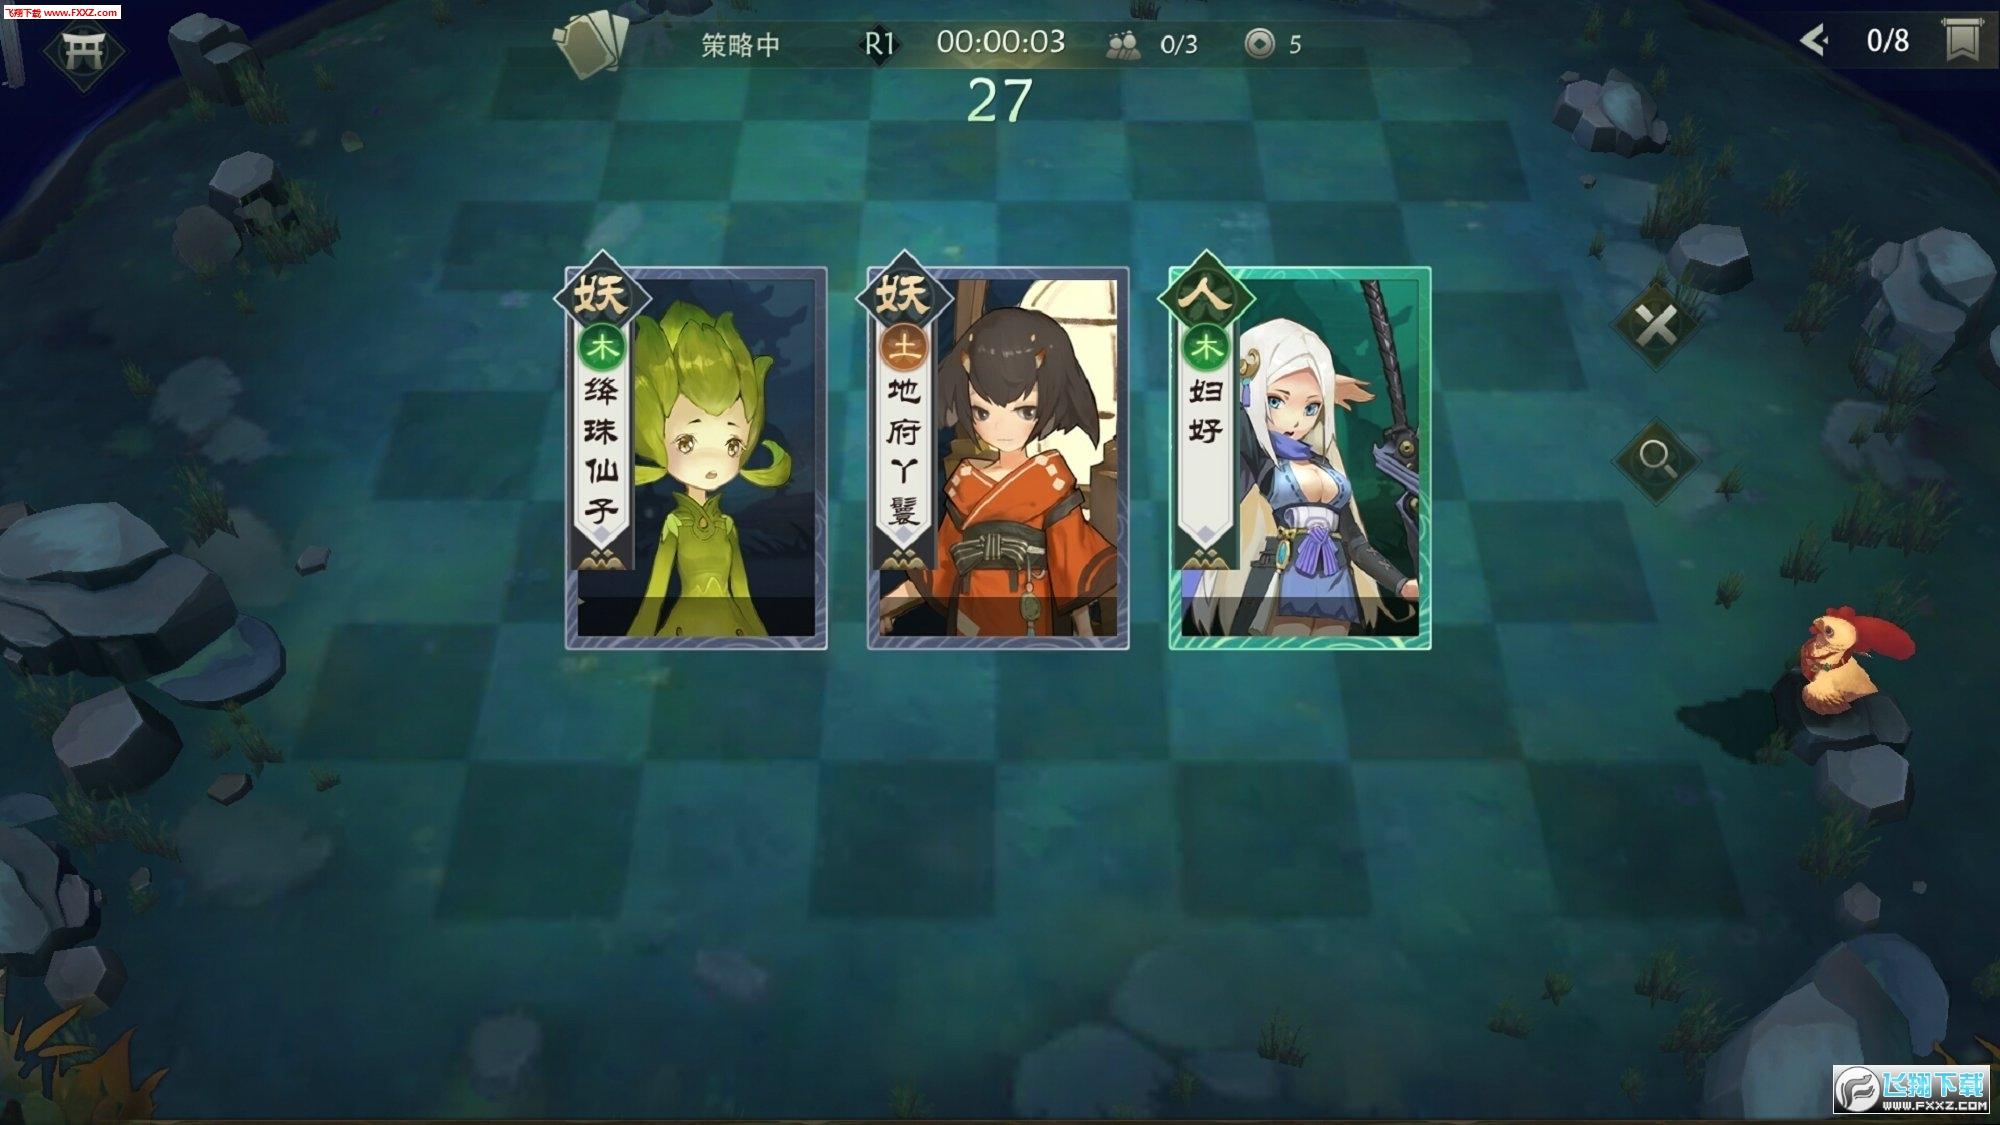 09自走棋游戏v1.0截图0